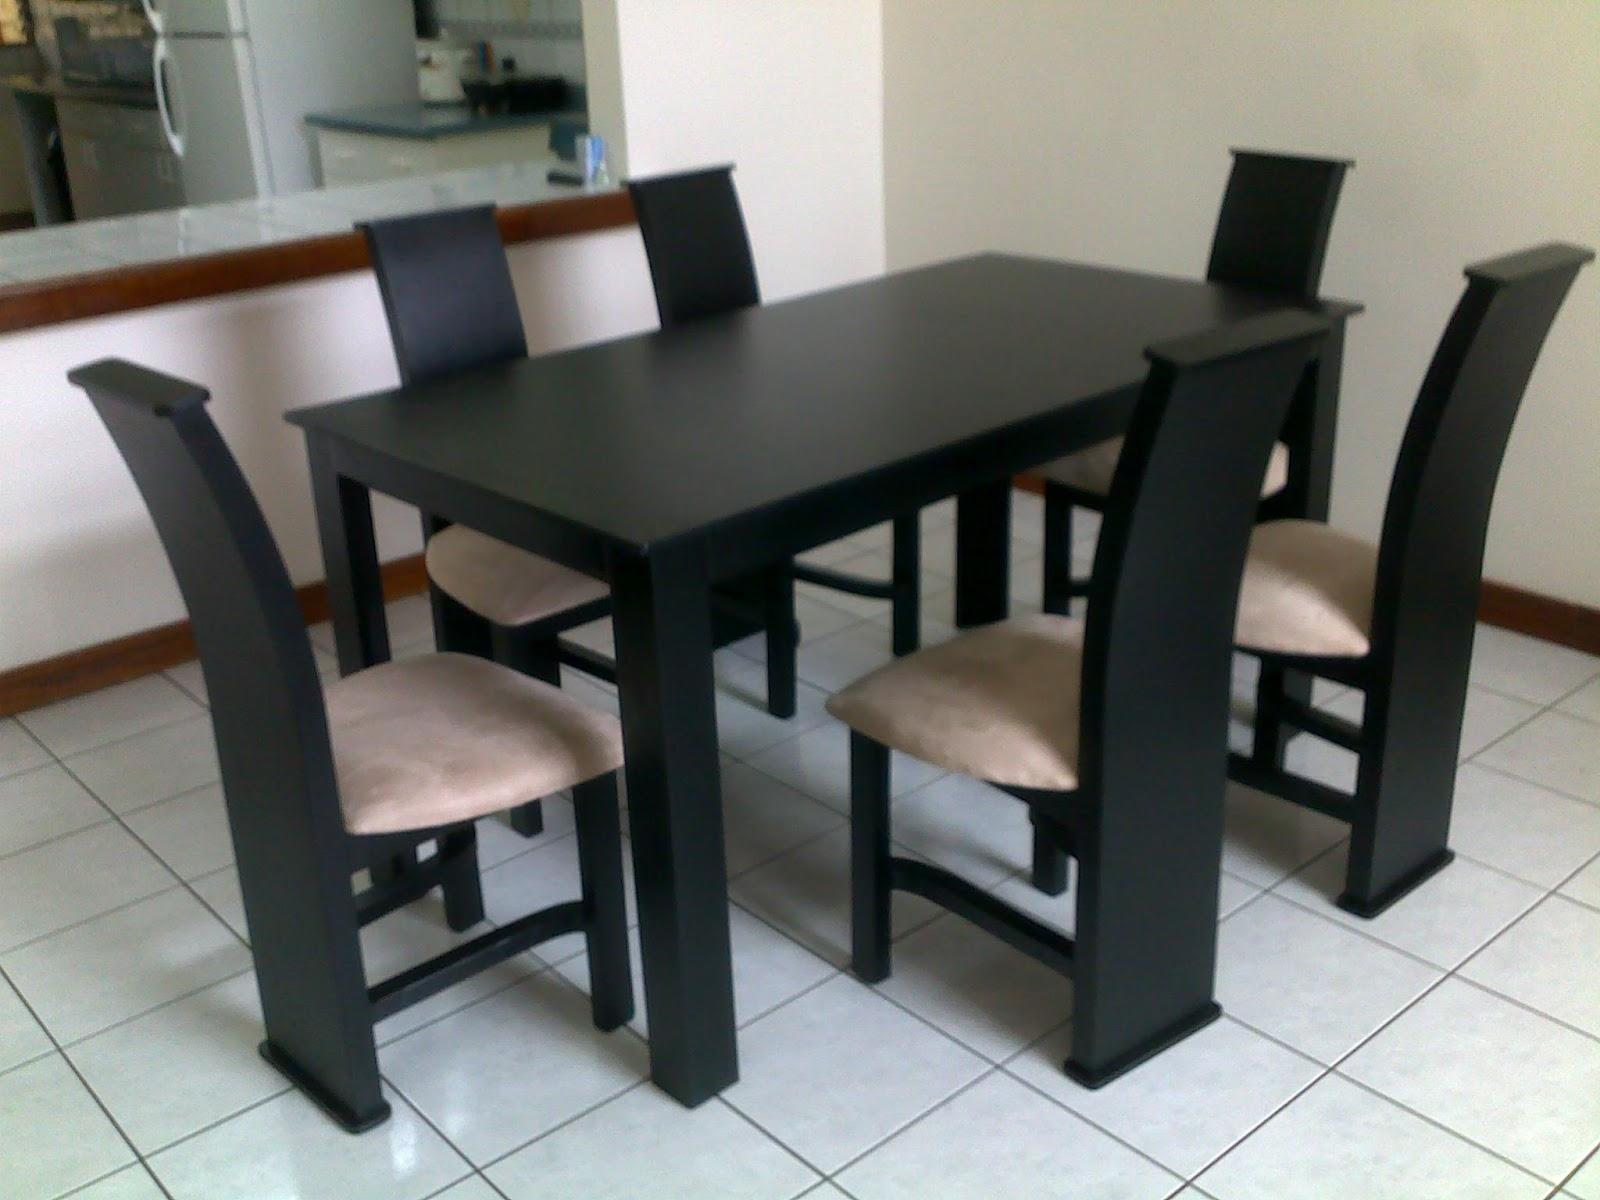 Muebles figo comedor seis sillas negro madera de pino chileno - Comedor de cuatro sillas ...